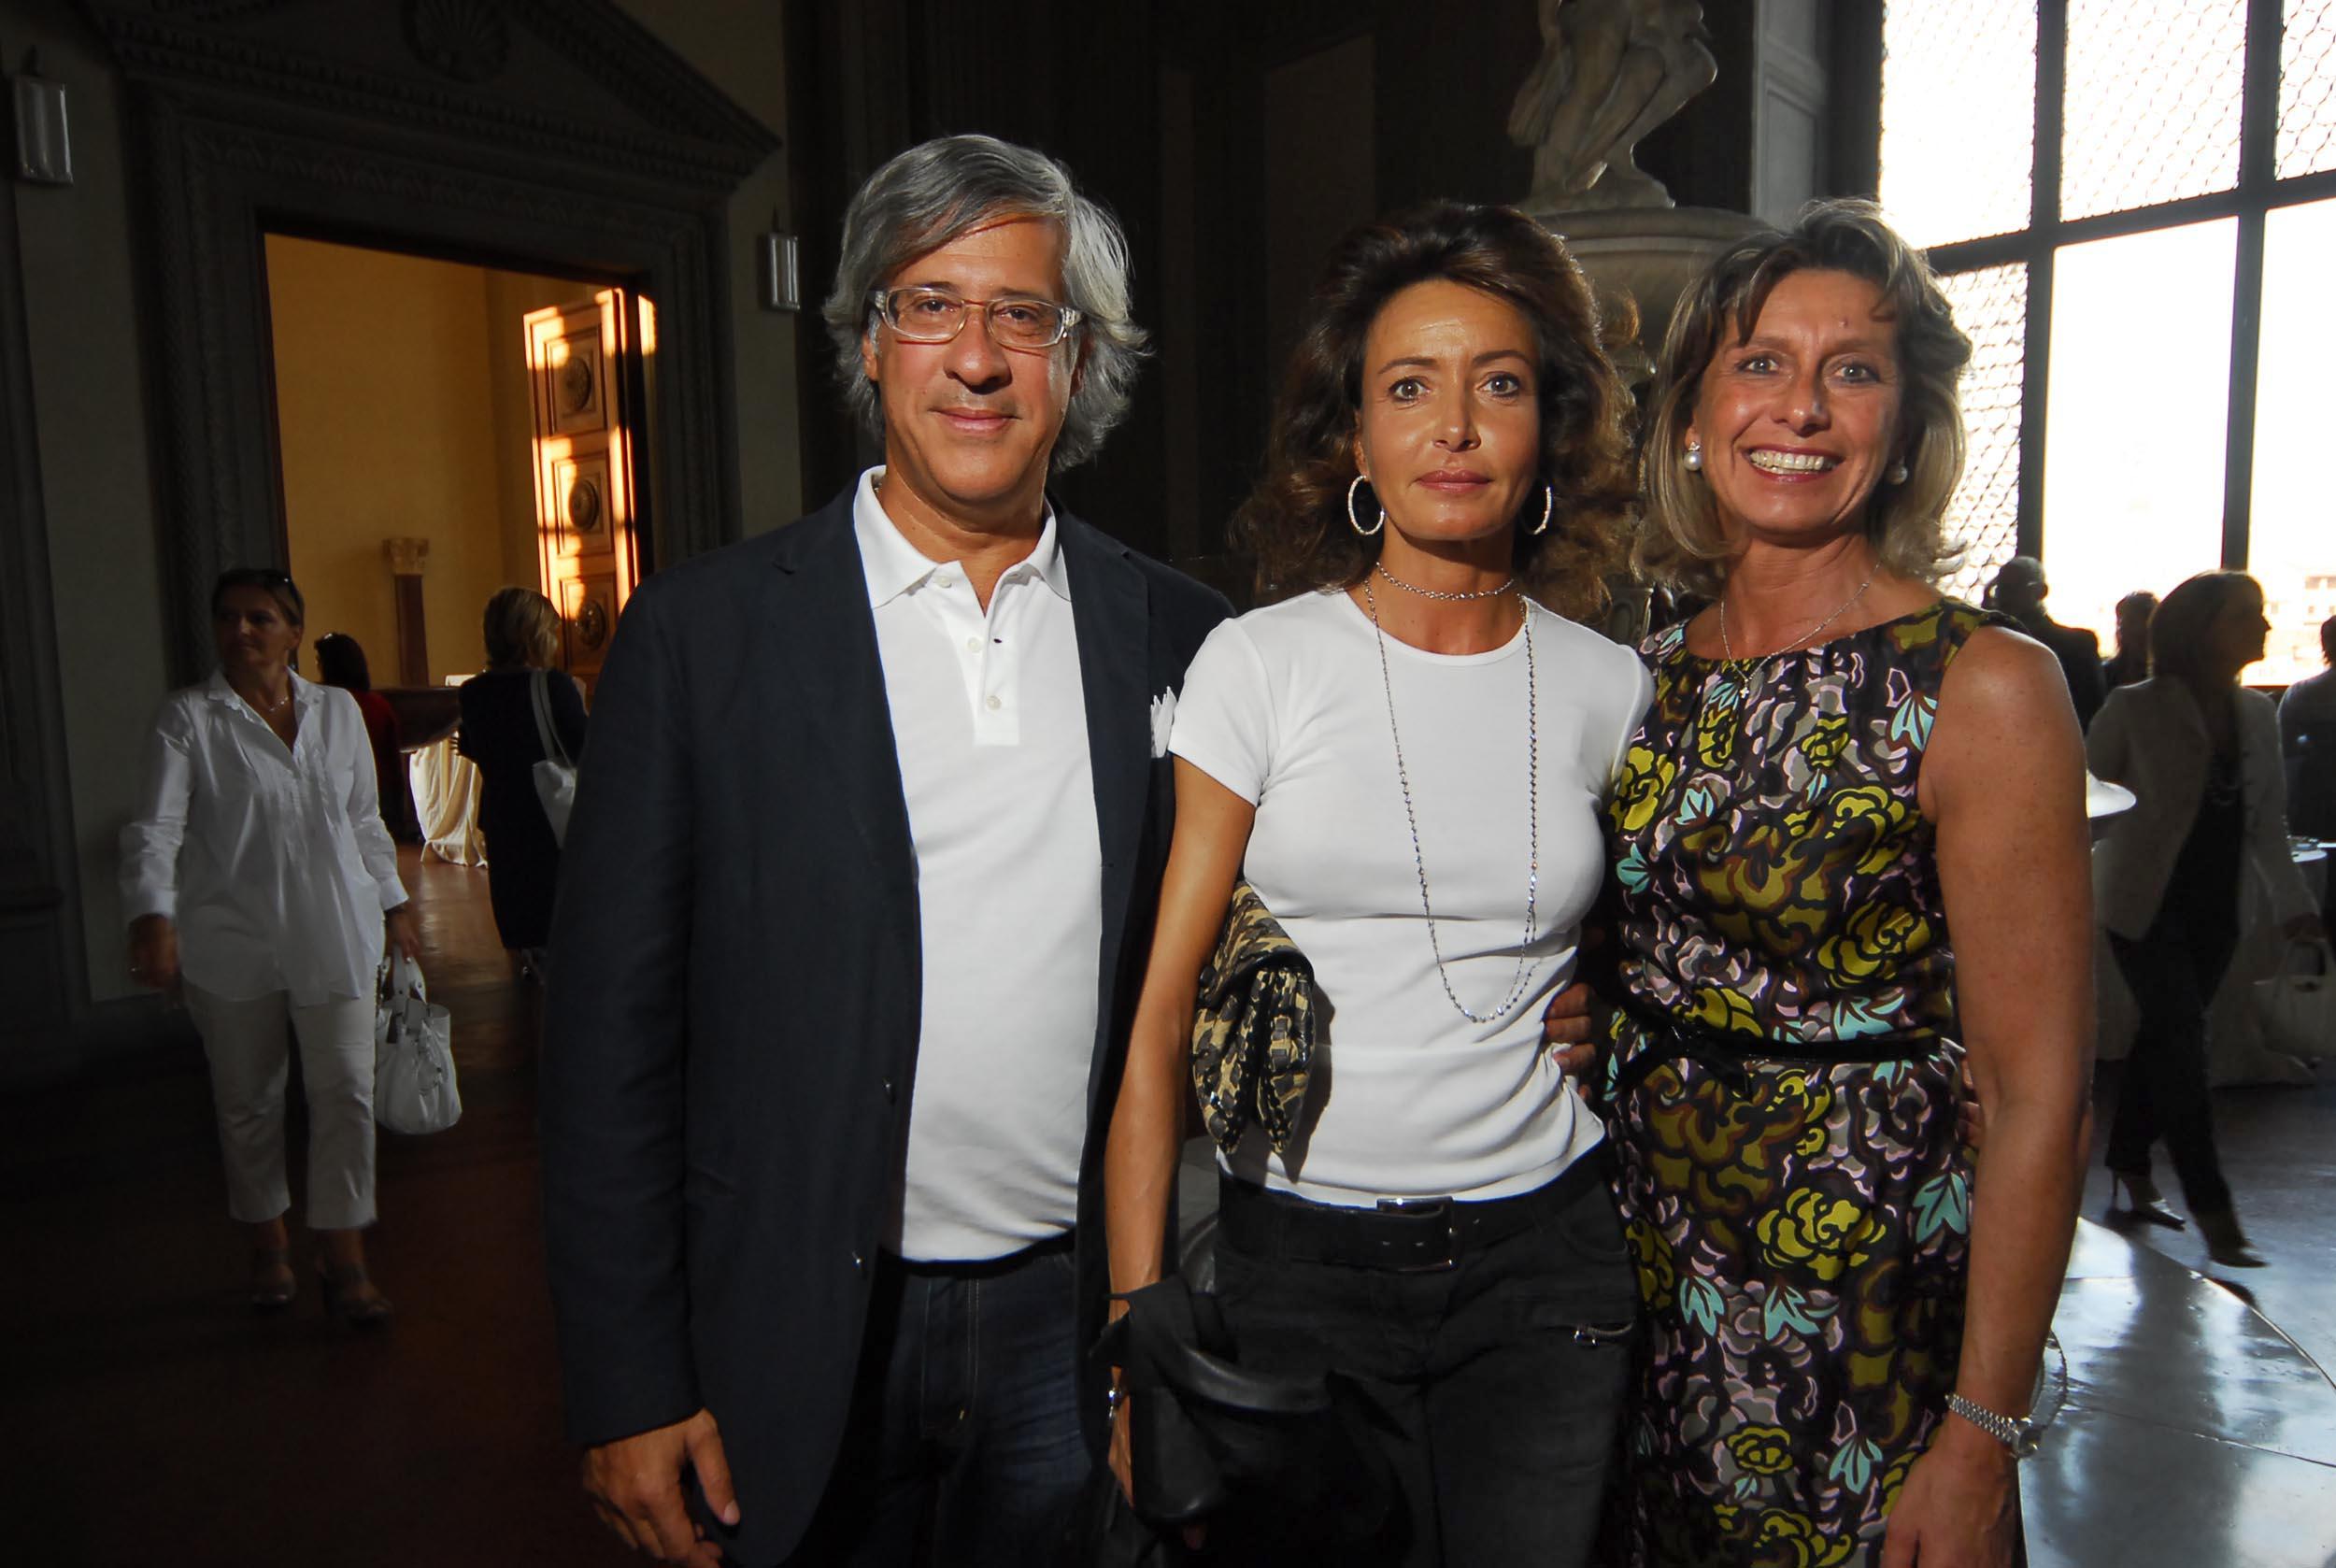 PRESSPHOTO  Firenze, Palazzo Pitti Galleria Palatina, mostra fotografica di Massimo Listri. Nella foto Sandro e Antonella Fratini, Alessandra Gozzini